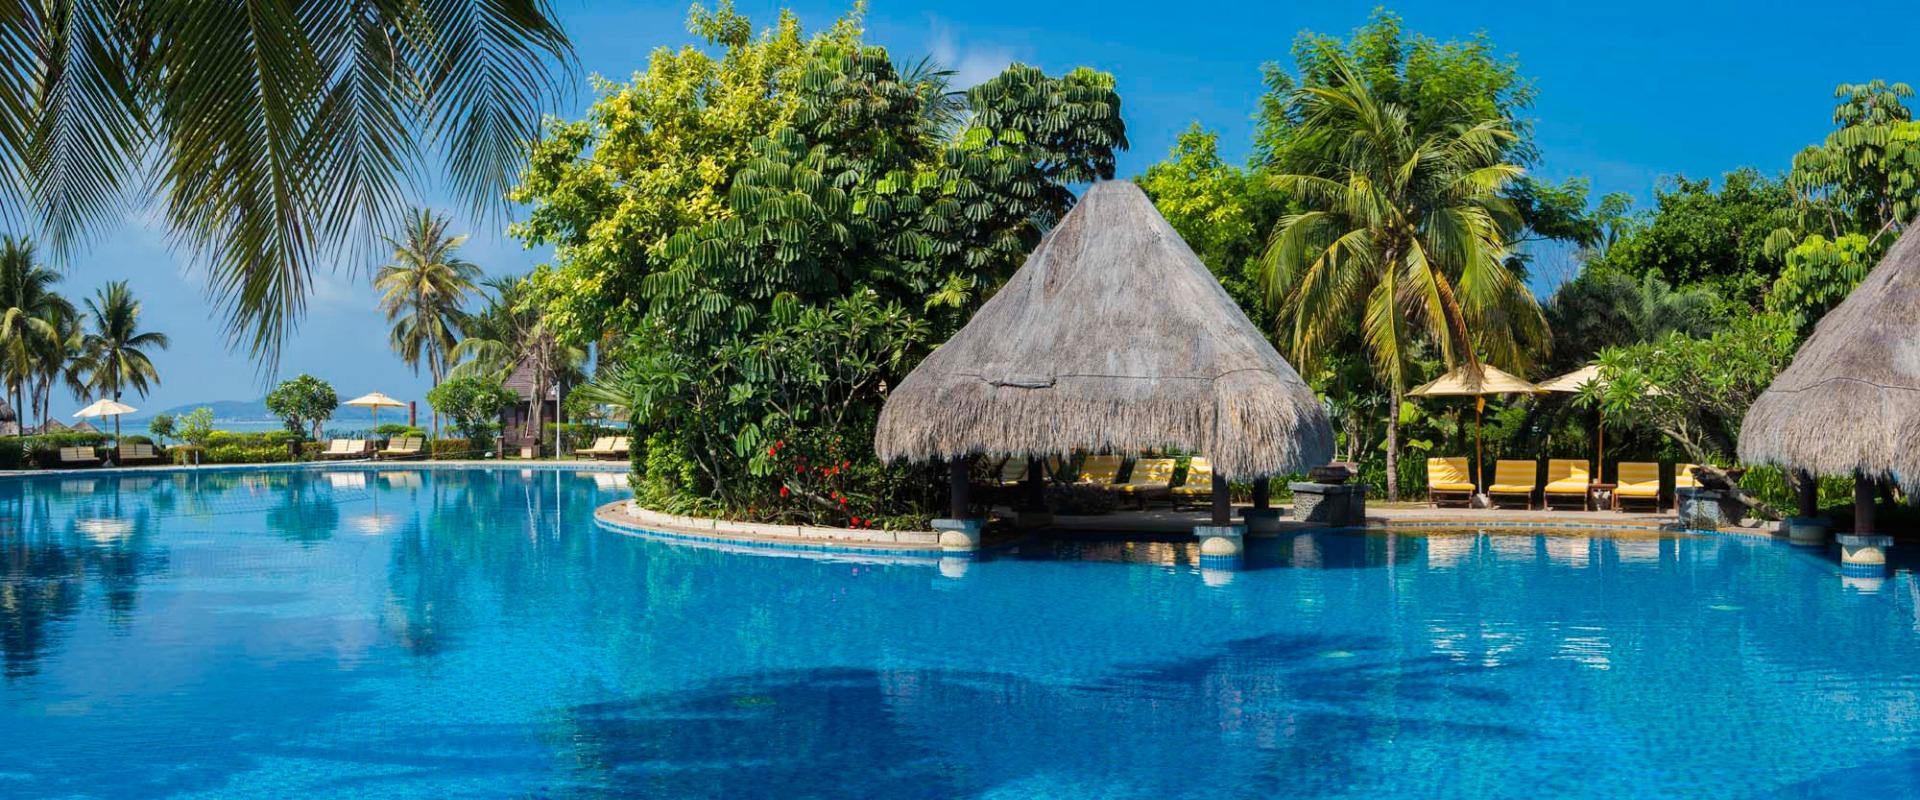 Впредстоящем сезоне напляжные курорты Китая отправится в4 раза больше российских туристов